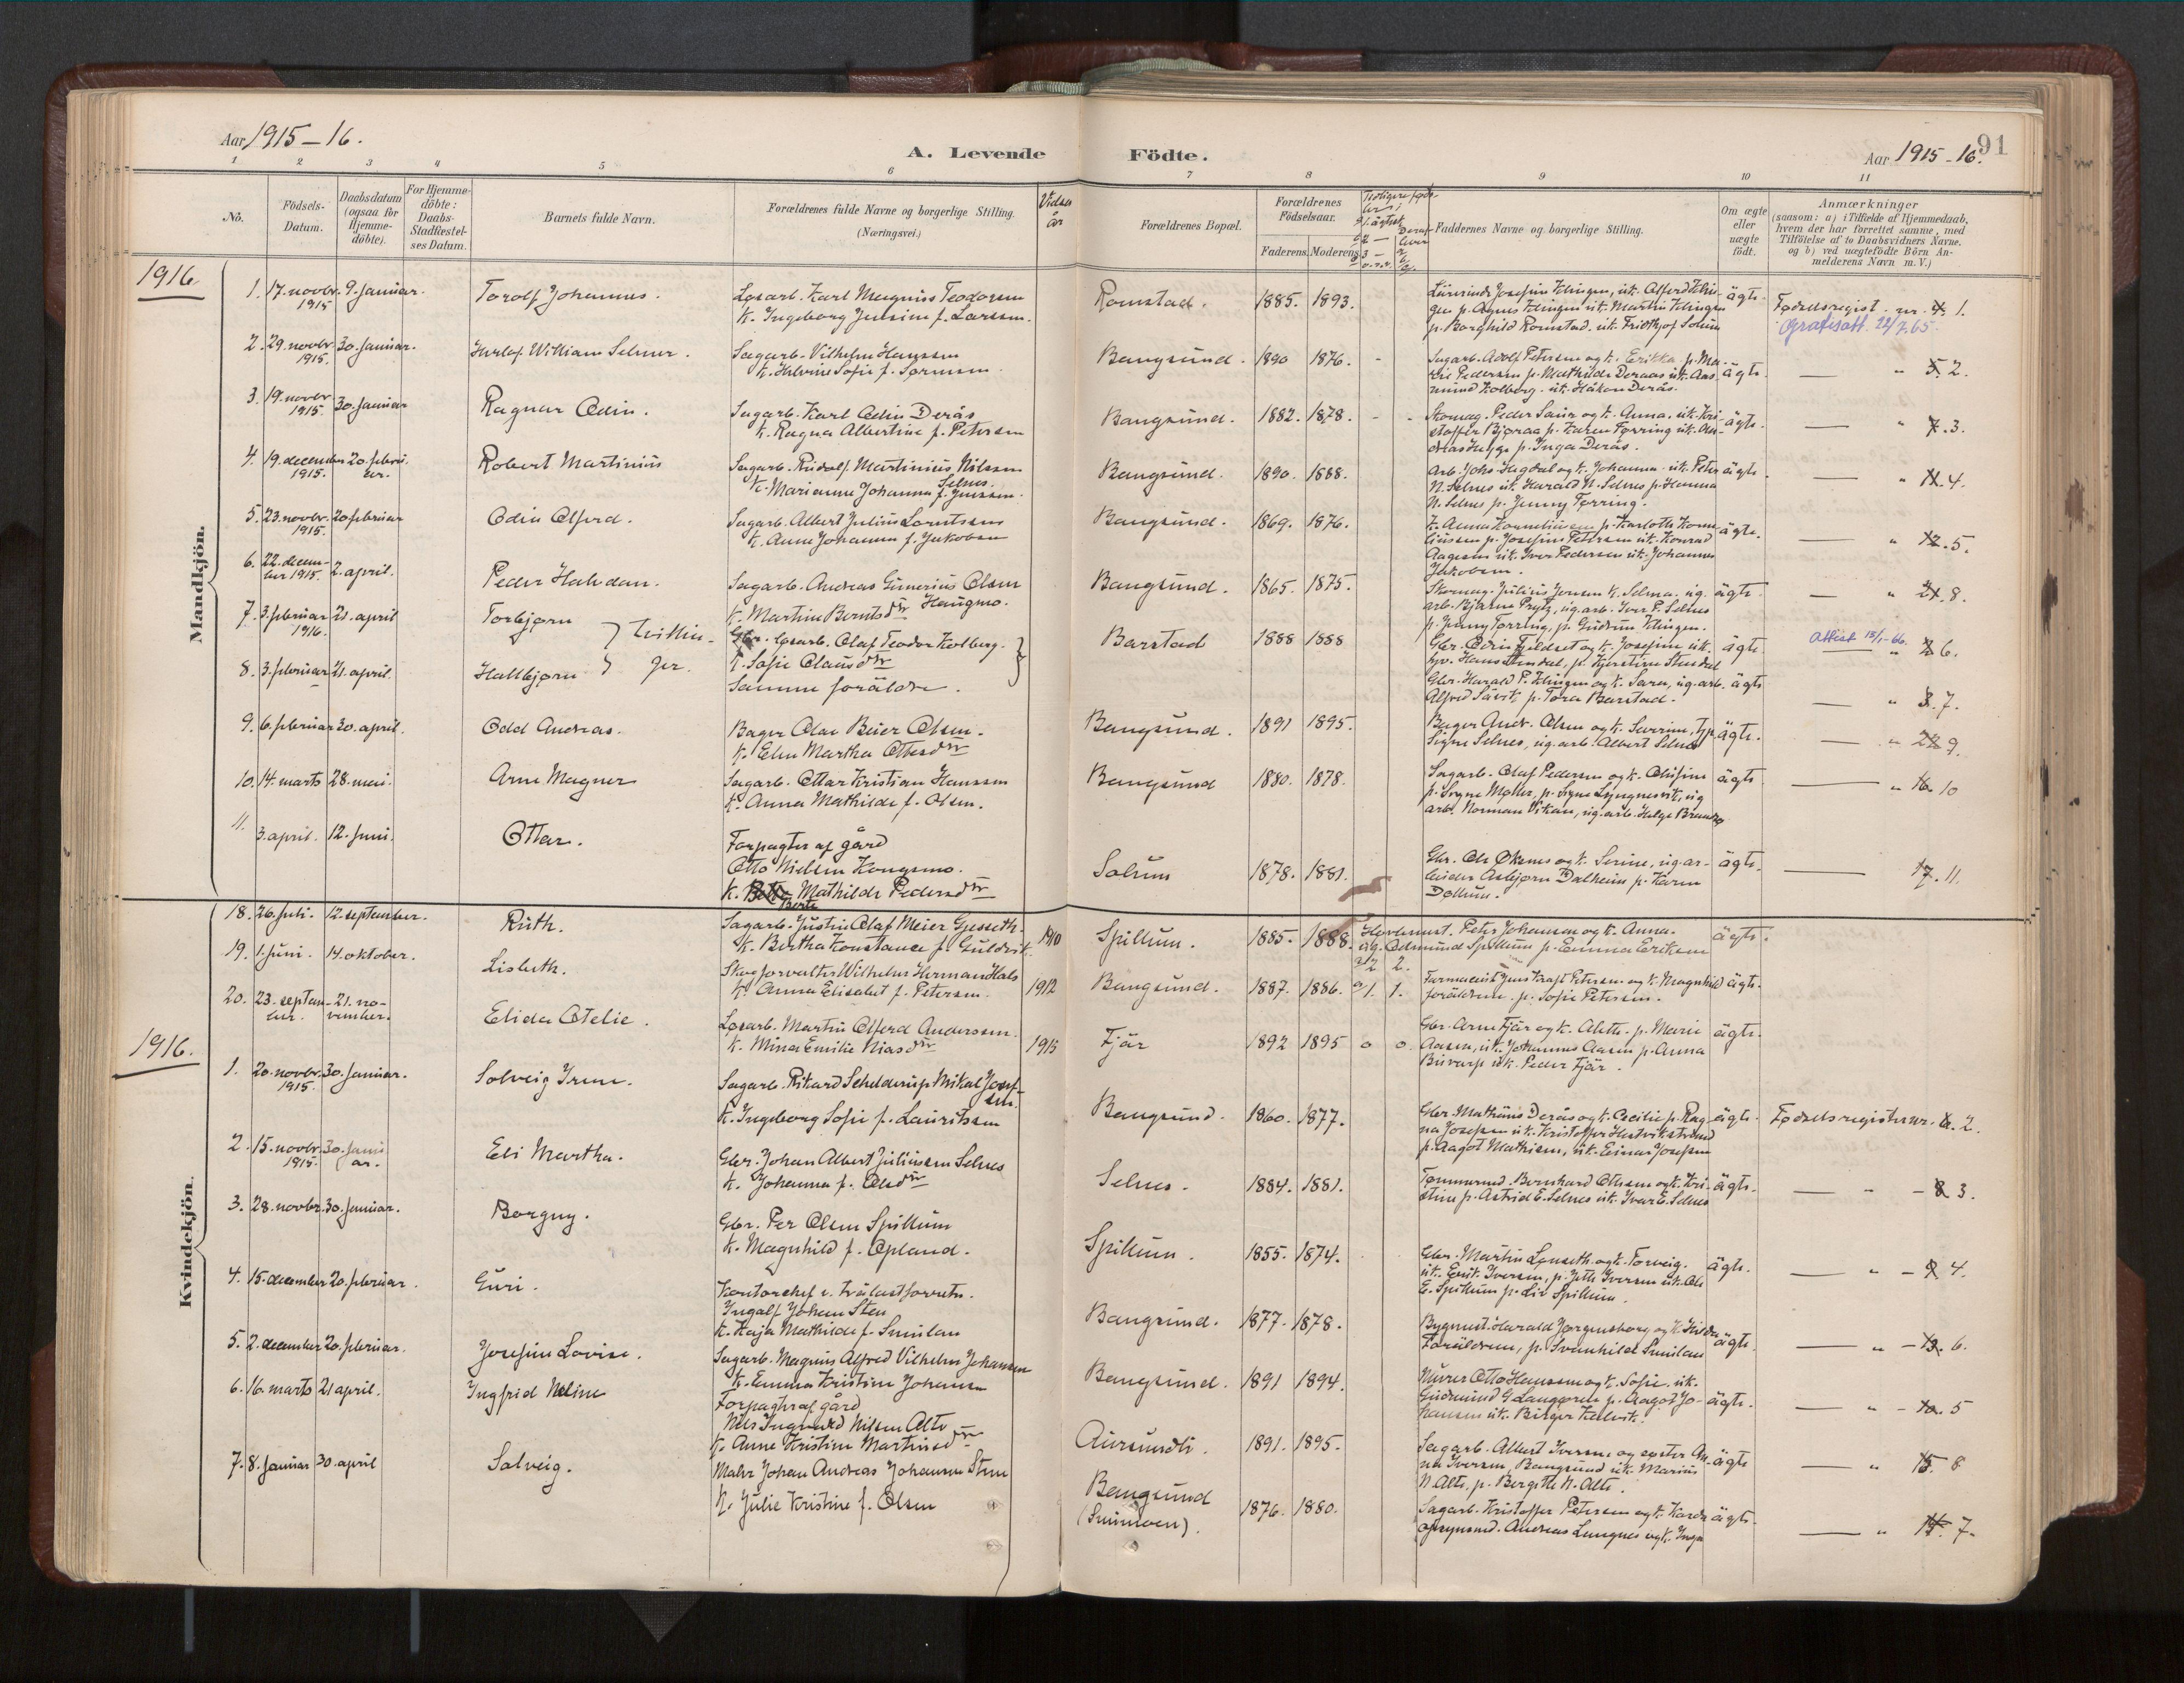 SAT, Ministerialprotokoller, klokkerbøker og fødselsregistre - Nord-Trøndelag, 770/L0589: Ministerialbok nr. 770A03, 1887-1929, s. 91